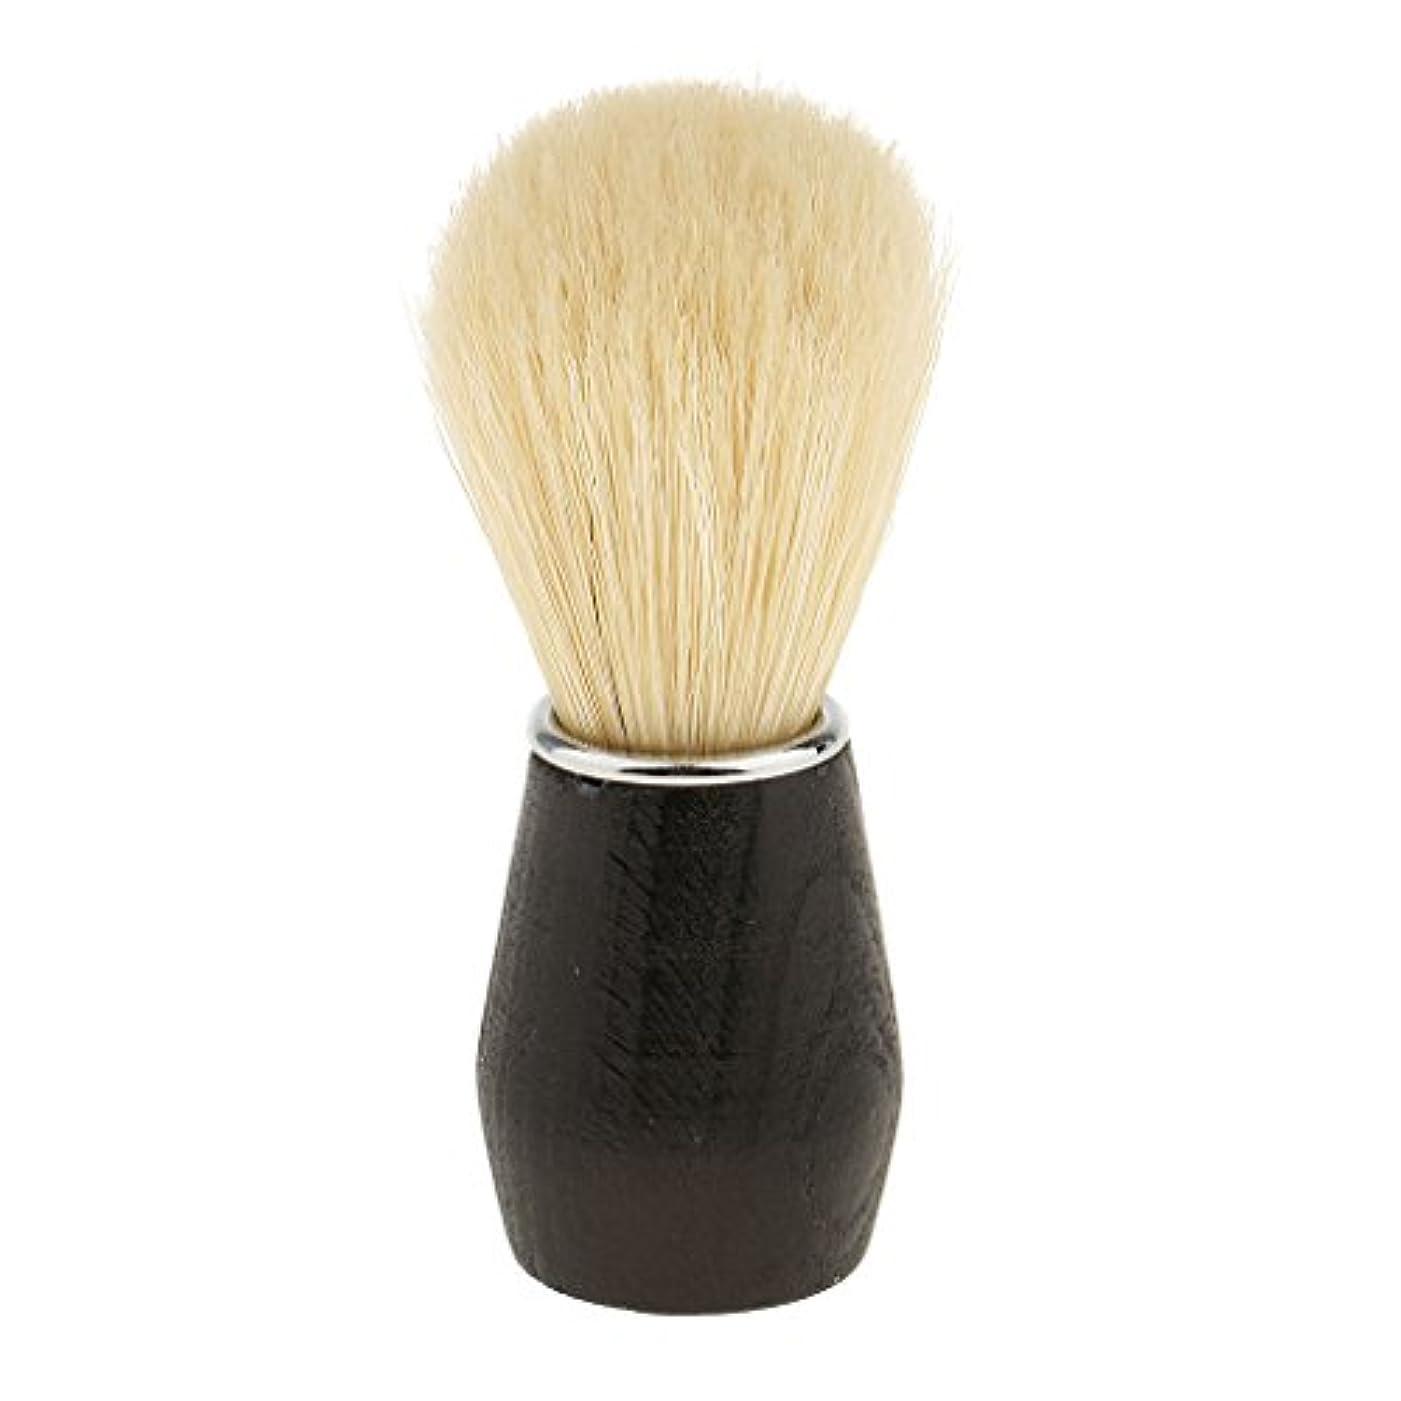 ちょうつがい立ち寄る誘惑するHellery ひげ剃りブラシ シェービングブラシ 毛髭ブラシ フェイシャルクリーニングブラシ プラスチックハンドル